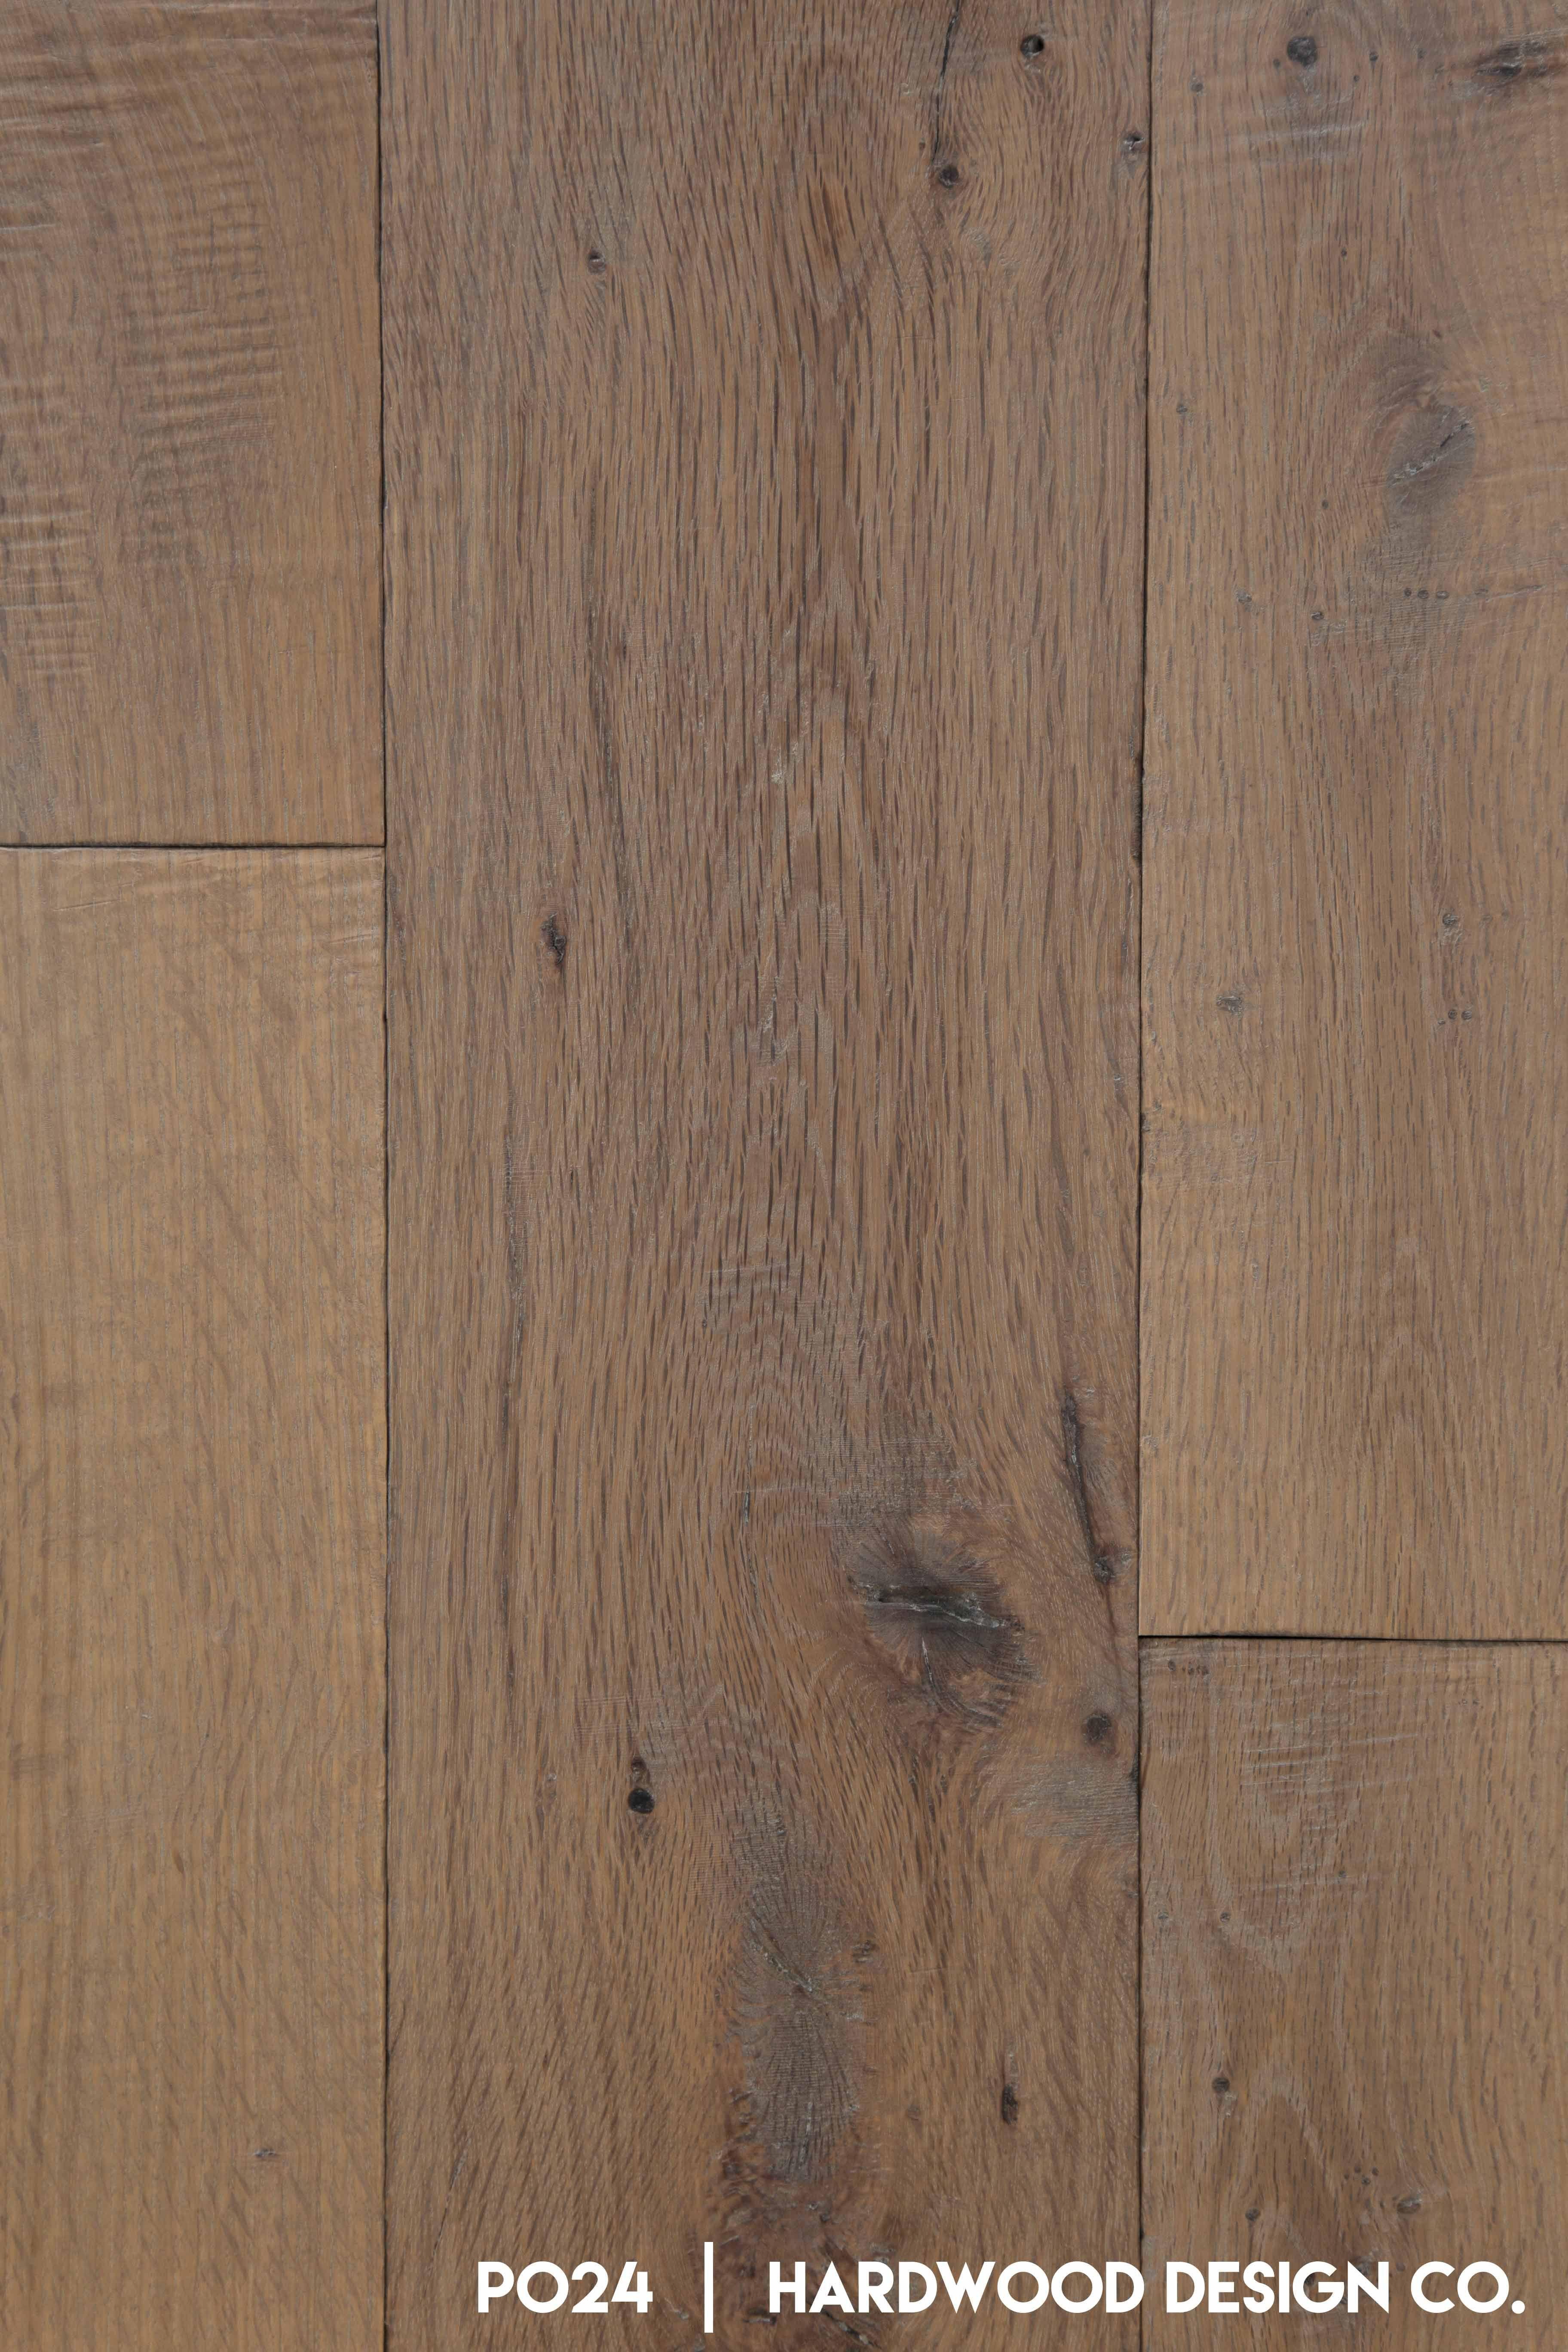 unfinished oak hardwood flooring of oak oak floors oak flooring hardwood flooring hardwood floors with regard to oak oak floors oak flooring hardwood flooring hardwood floors texas post oak flooring